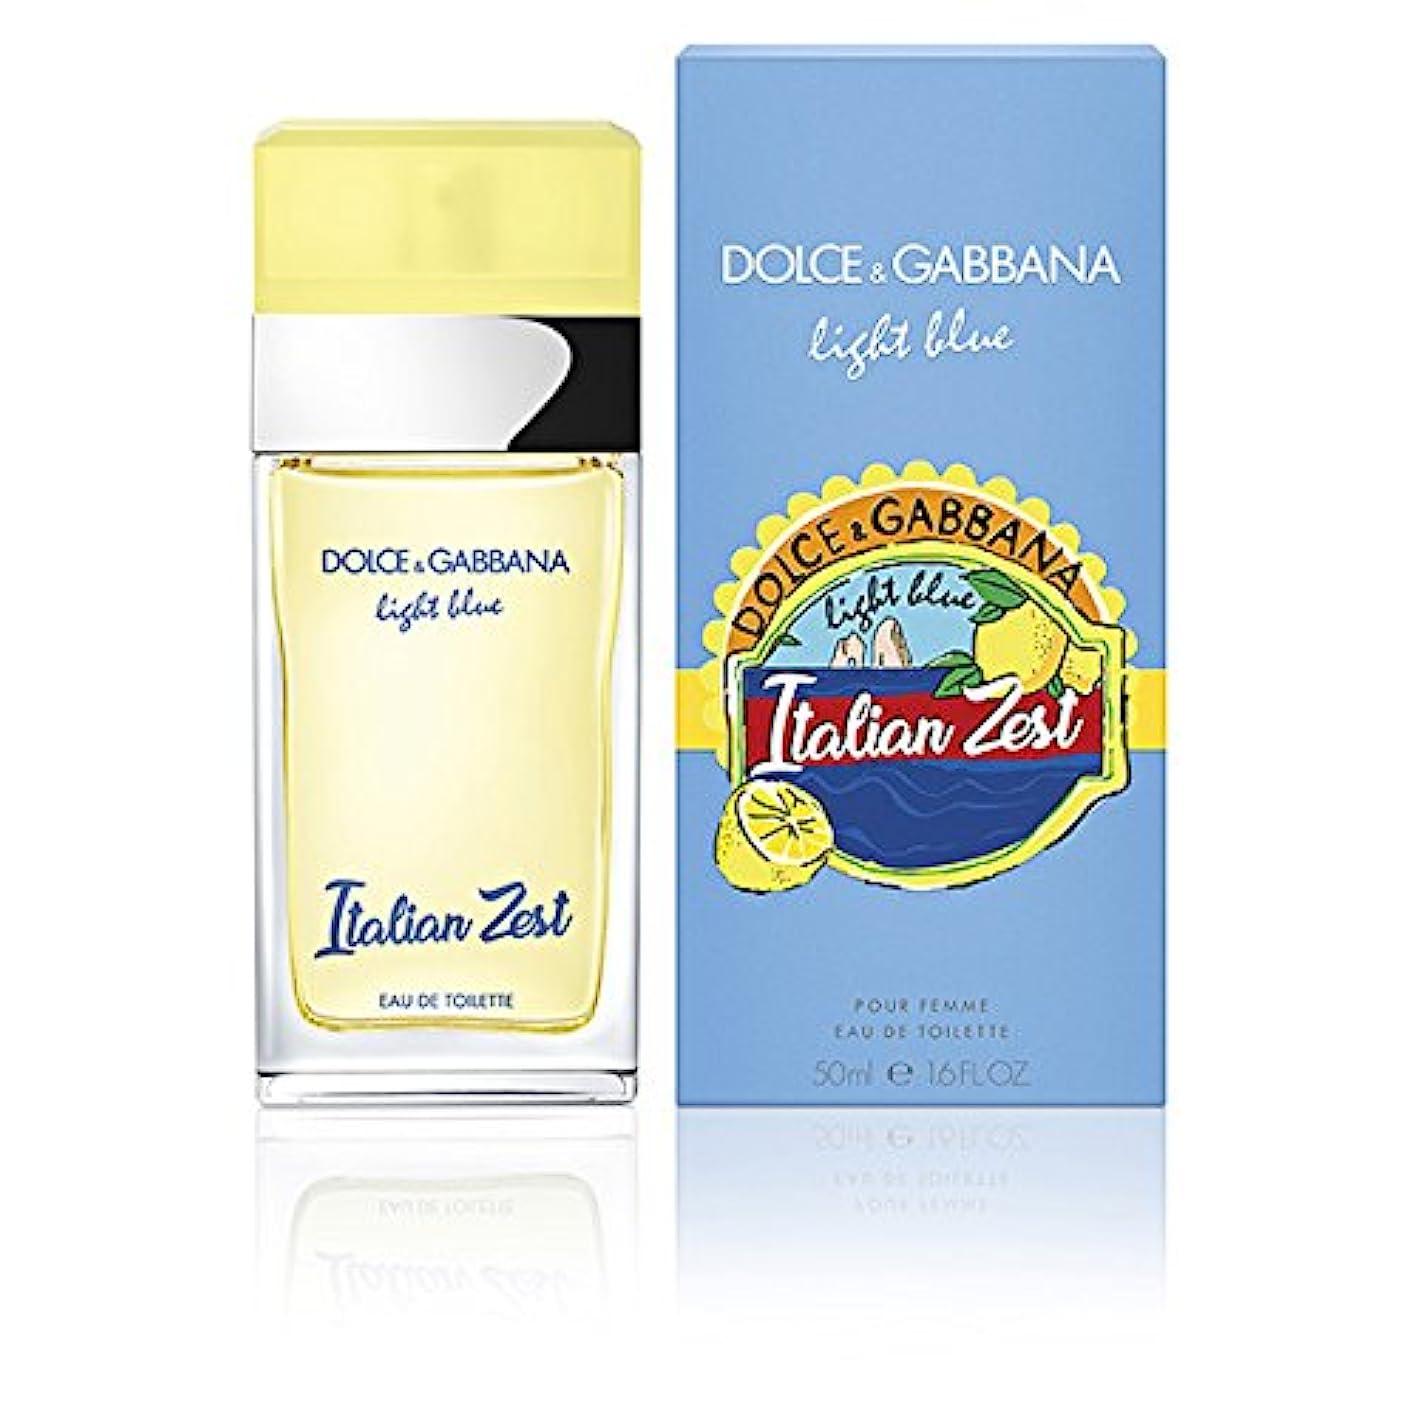 きょうだい周術期入手しますドルチェ&ガッバーナ DOLCE&GABBANA ライトブルー イタリアン ゼスト EDT SP 50ml